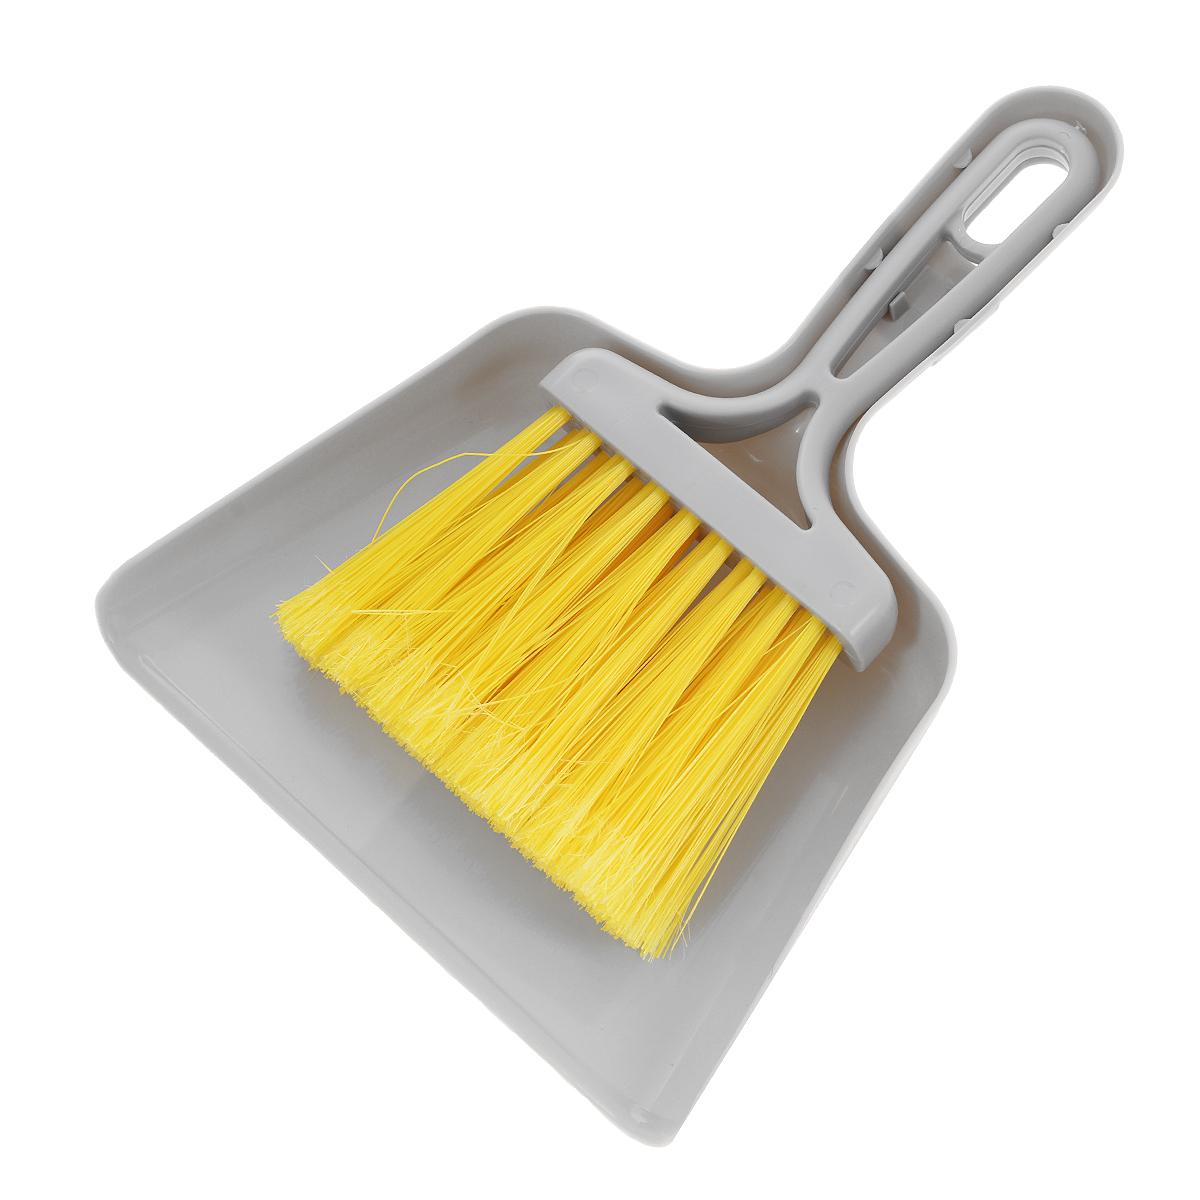 Совок Mini с щеткой, цвет: серый11701-A серыйНабор Fratelli Mini включает щетку с синтетическим ворсом и совок, изготовленный из высококачественного пластика. Набор идеально подходит для уборки мелкого мусора с кухонных поверхностей. Для дополнительного удобства совок и щетка снабжены специальной петелькой, с помощью которой, вложив щетку в совок, их можно разместить в любом месте. Размер совка с ручкой: 24 см х 18 см х 3,5 см. Размер щетки: 20 см х 11,5 см х 2,5 см.